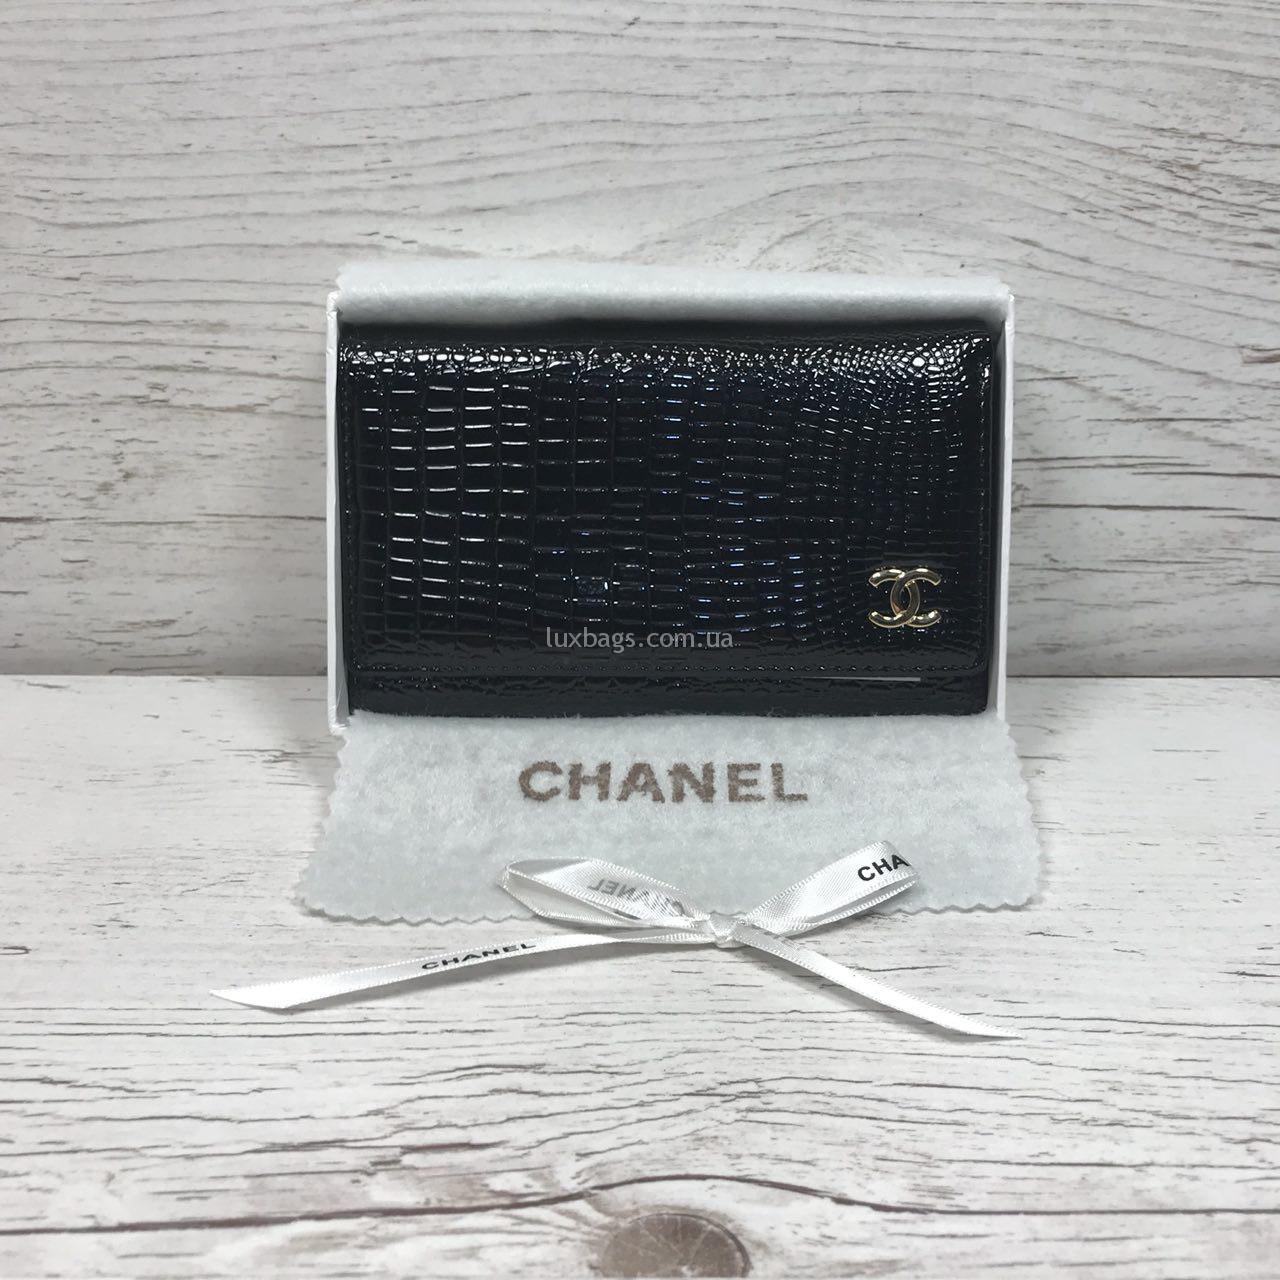 1c98401eac04 Купить Кожаный кошелёк Chanel (Шанель) в Украине Недорого